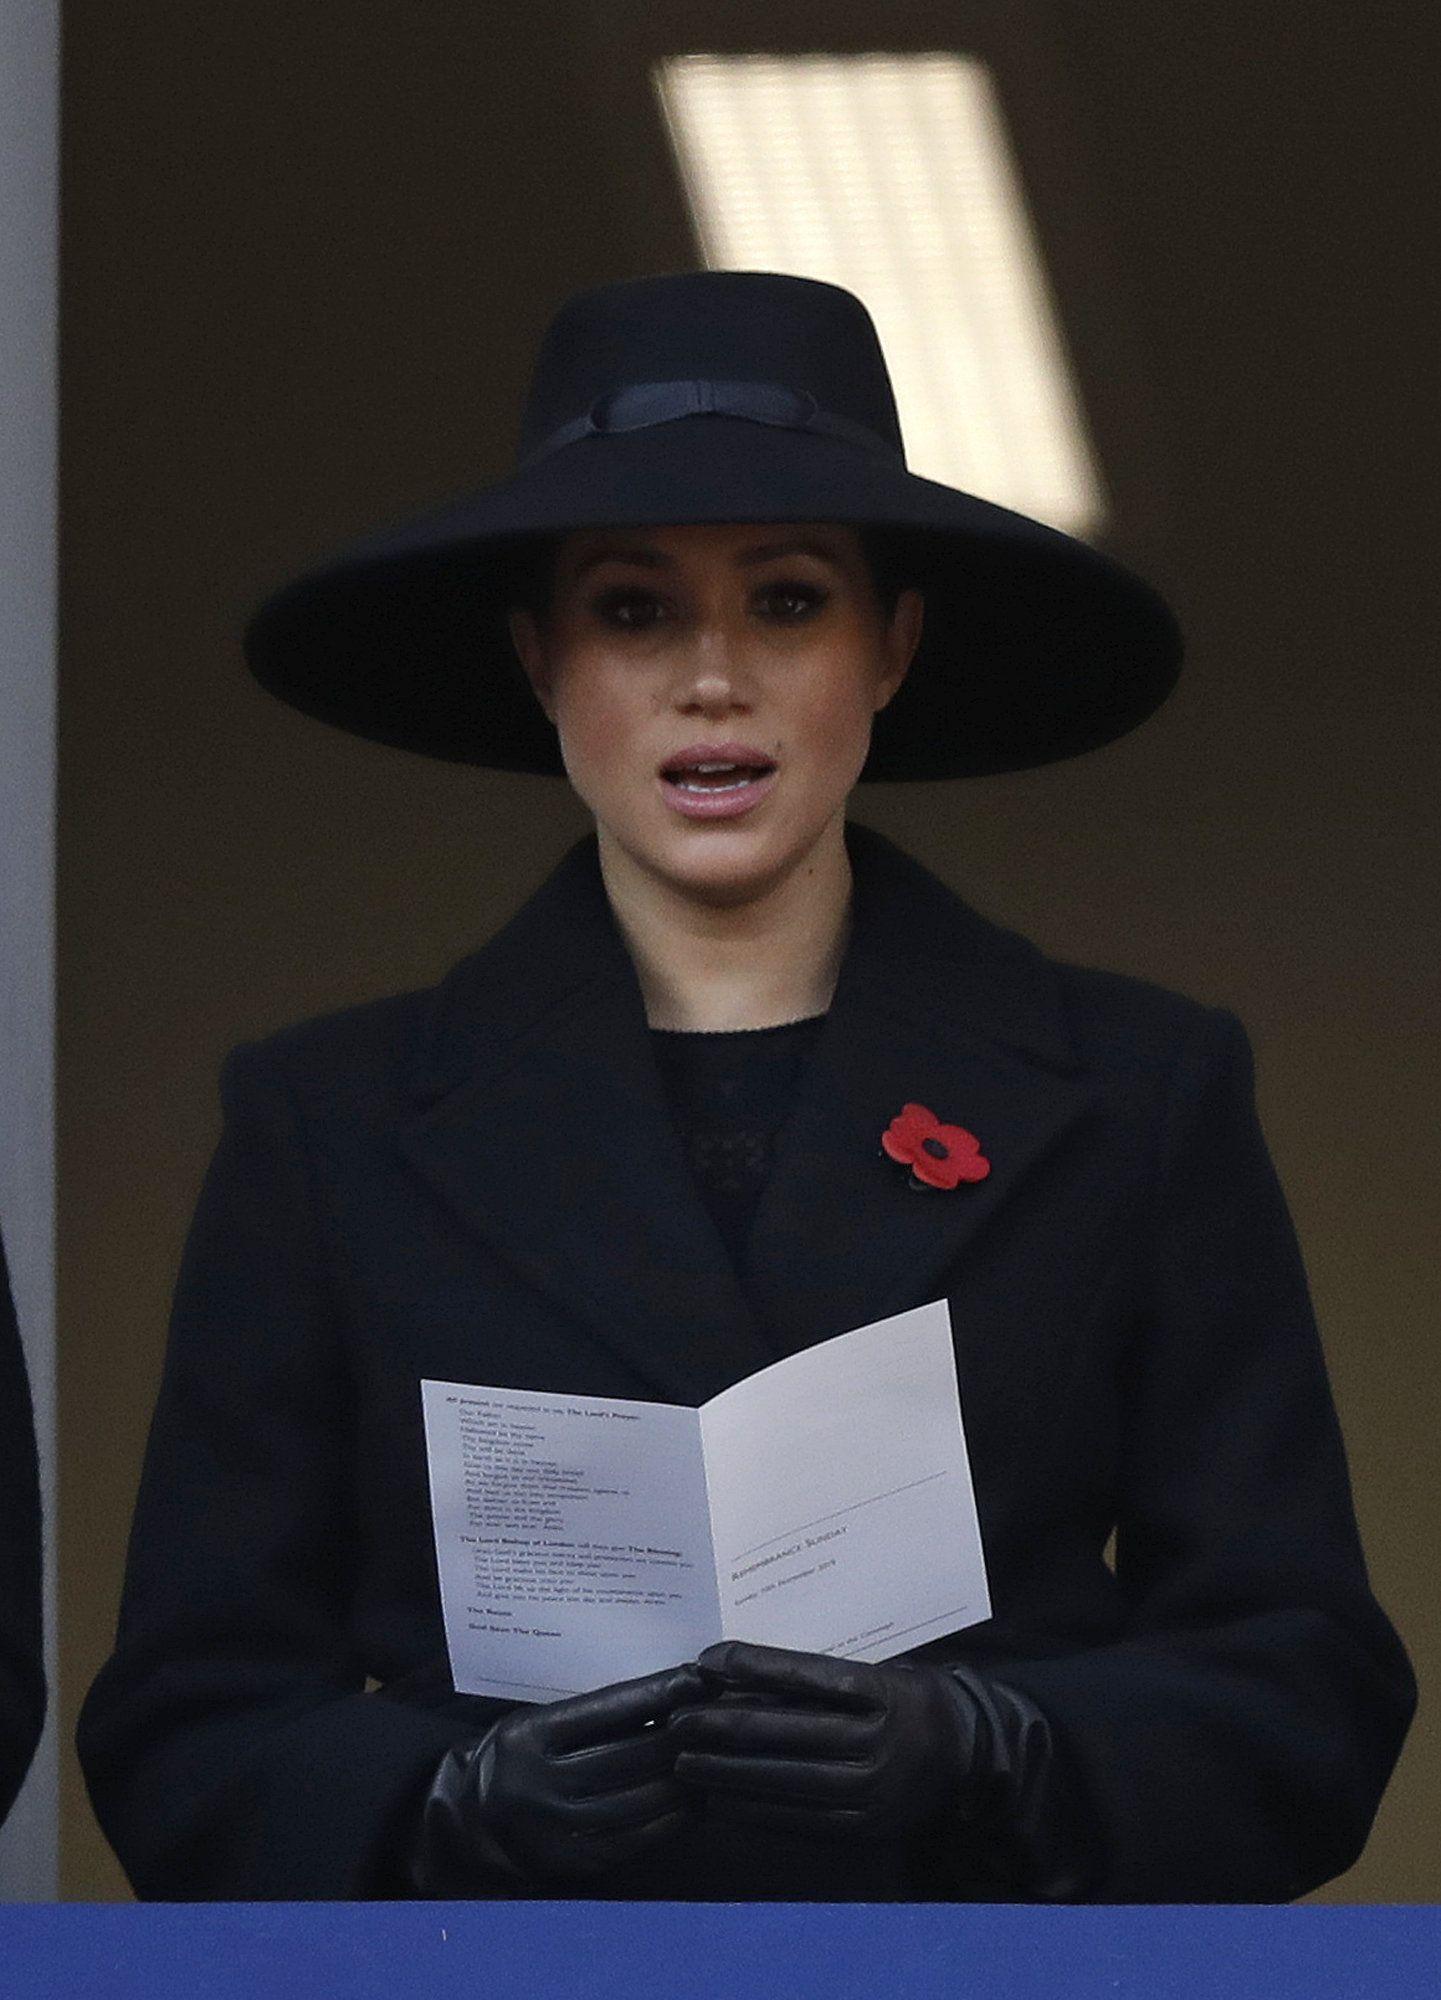 """Berettyóújfalun készült Meghan hercegné 600 ezres kabátja, a DailyMail újságírója rácsodálkozott arra, hogy a ruhadarabot """"alulfizetett magyar munkások készítették"""" – fotó"""